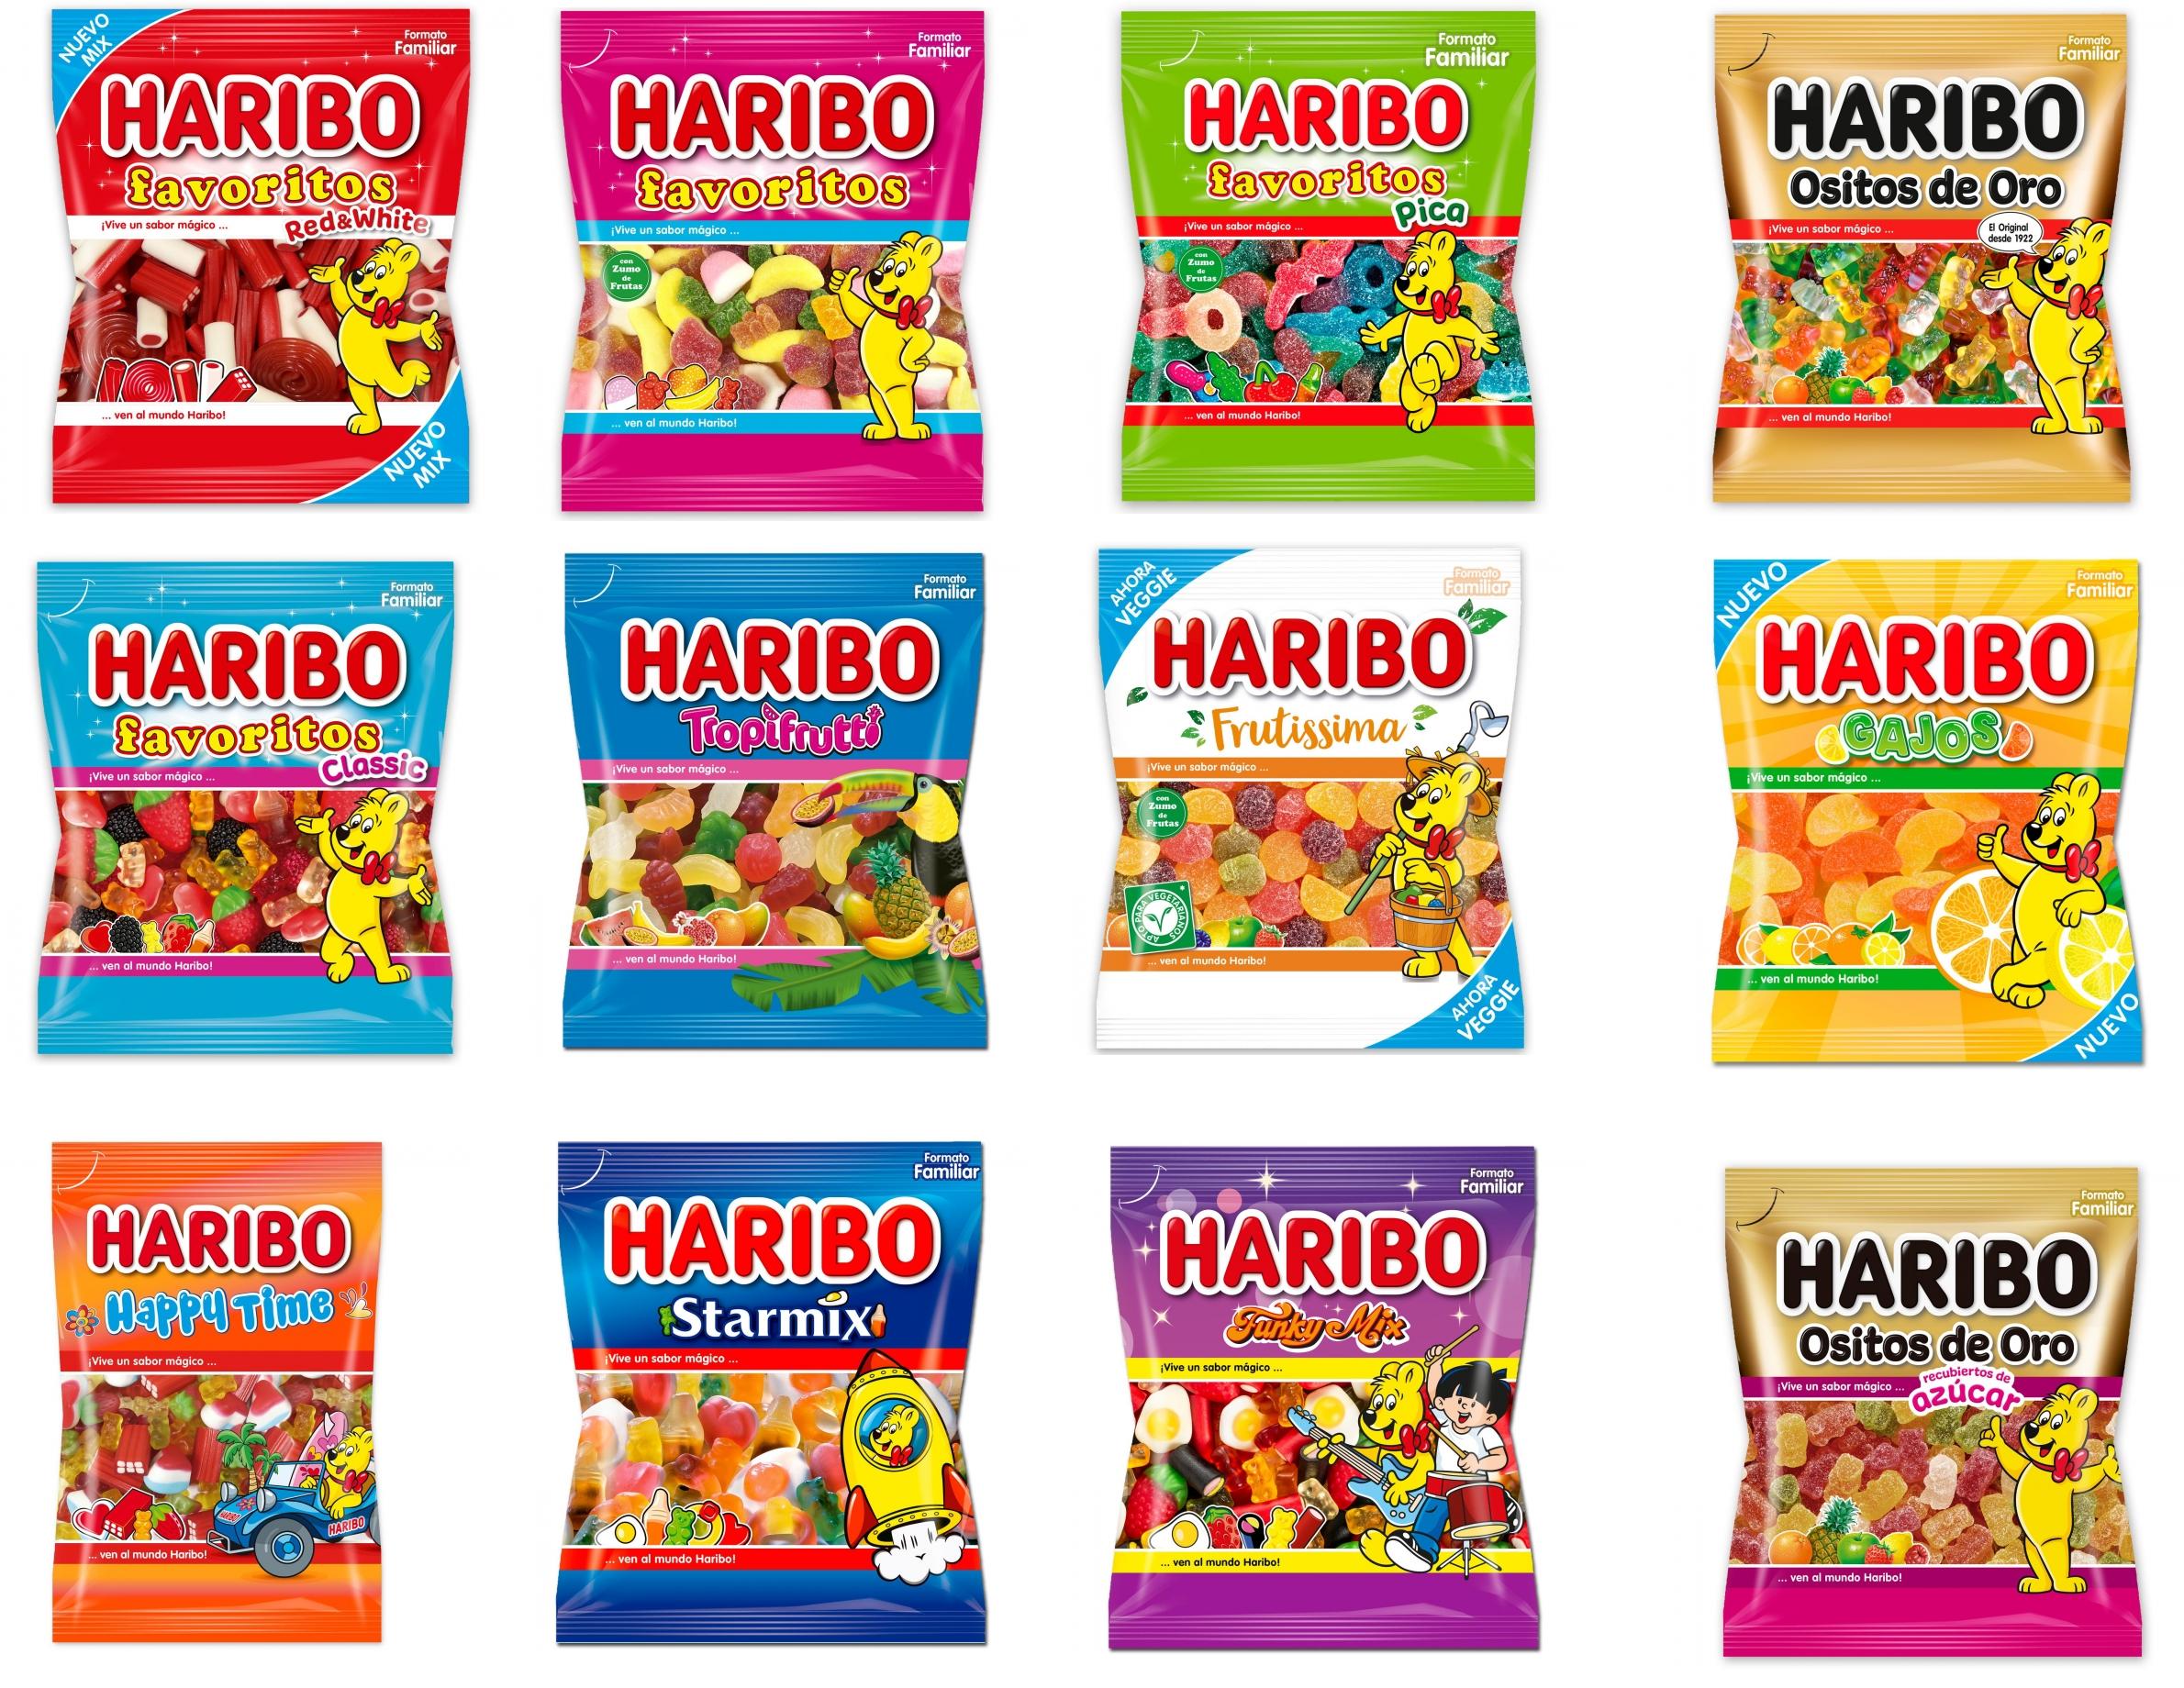 3x2 en Caramelos de Goma Haribo desde Carrefour